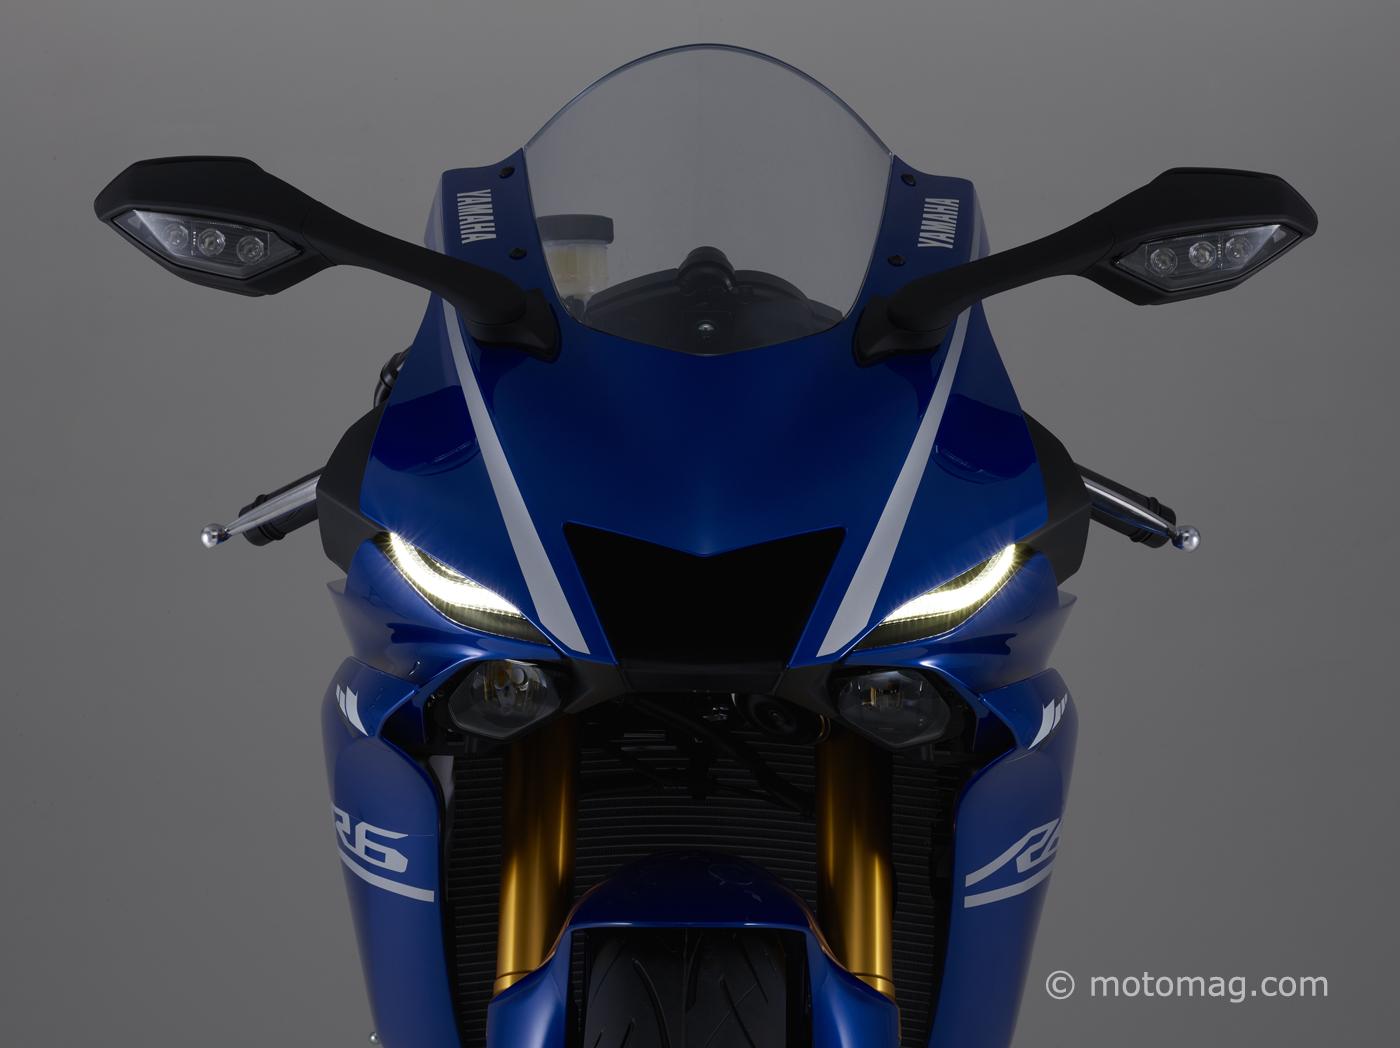 nouveaut moto 2017 la yamaha r6 d voil e moto magazine leader de l actualit de la moto. Black Bedroom Furniture Sets. Home Design Ideas